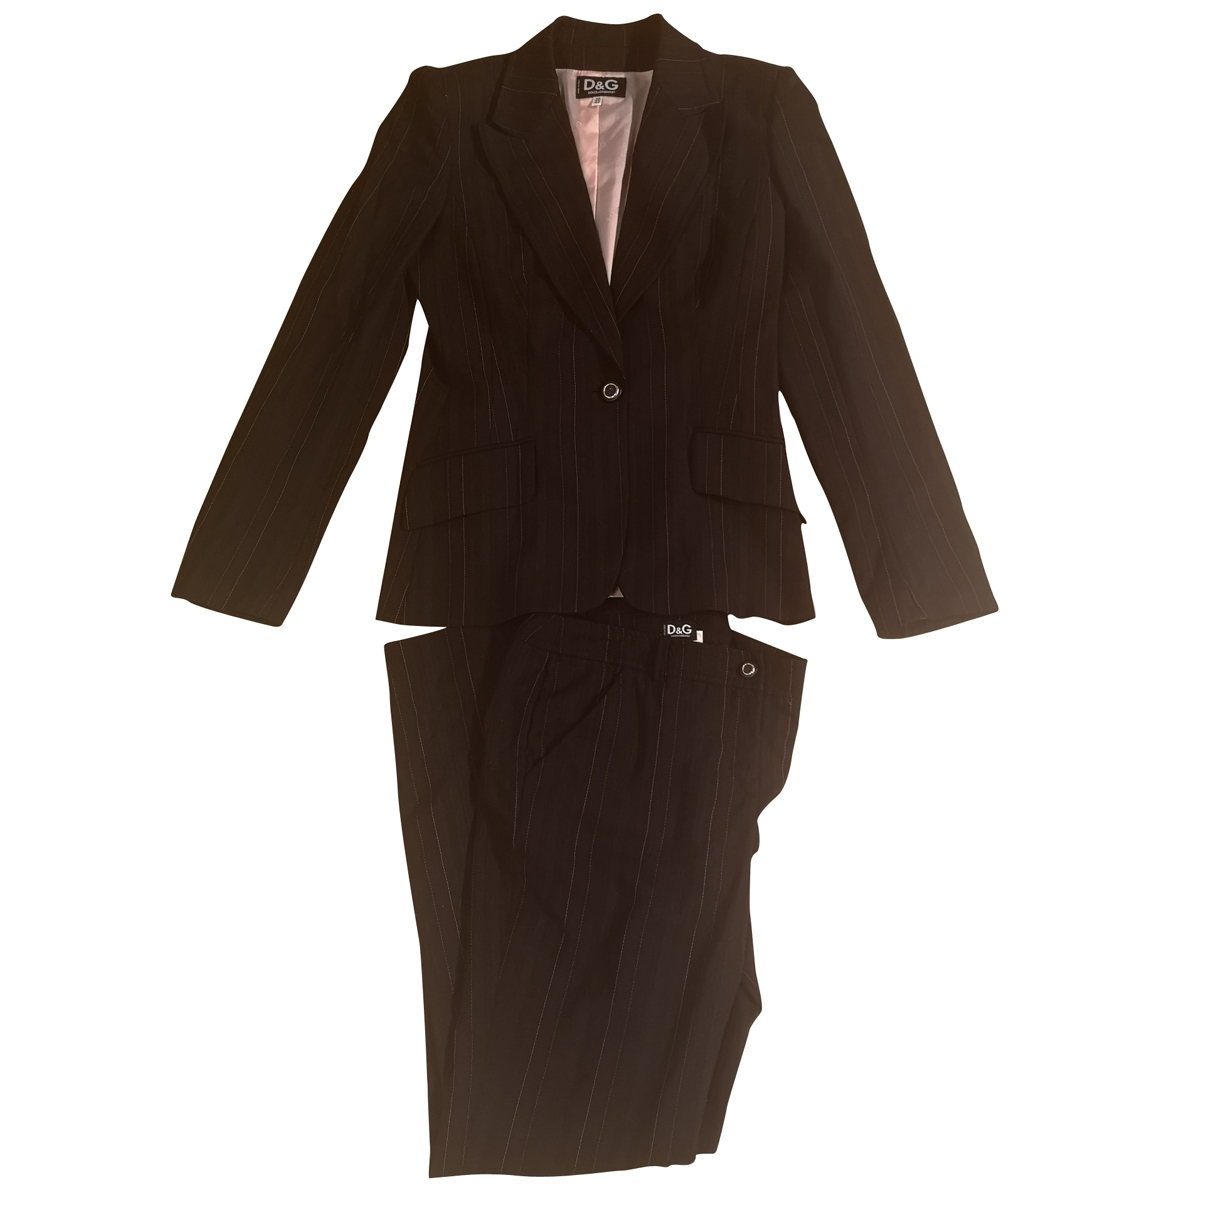 D&g \N Black Wool dress for Women 44 IT